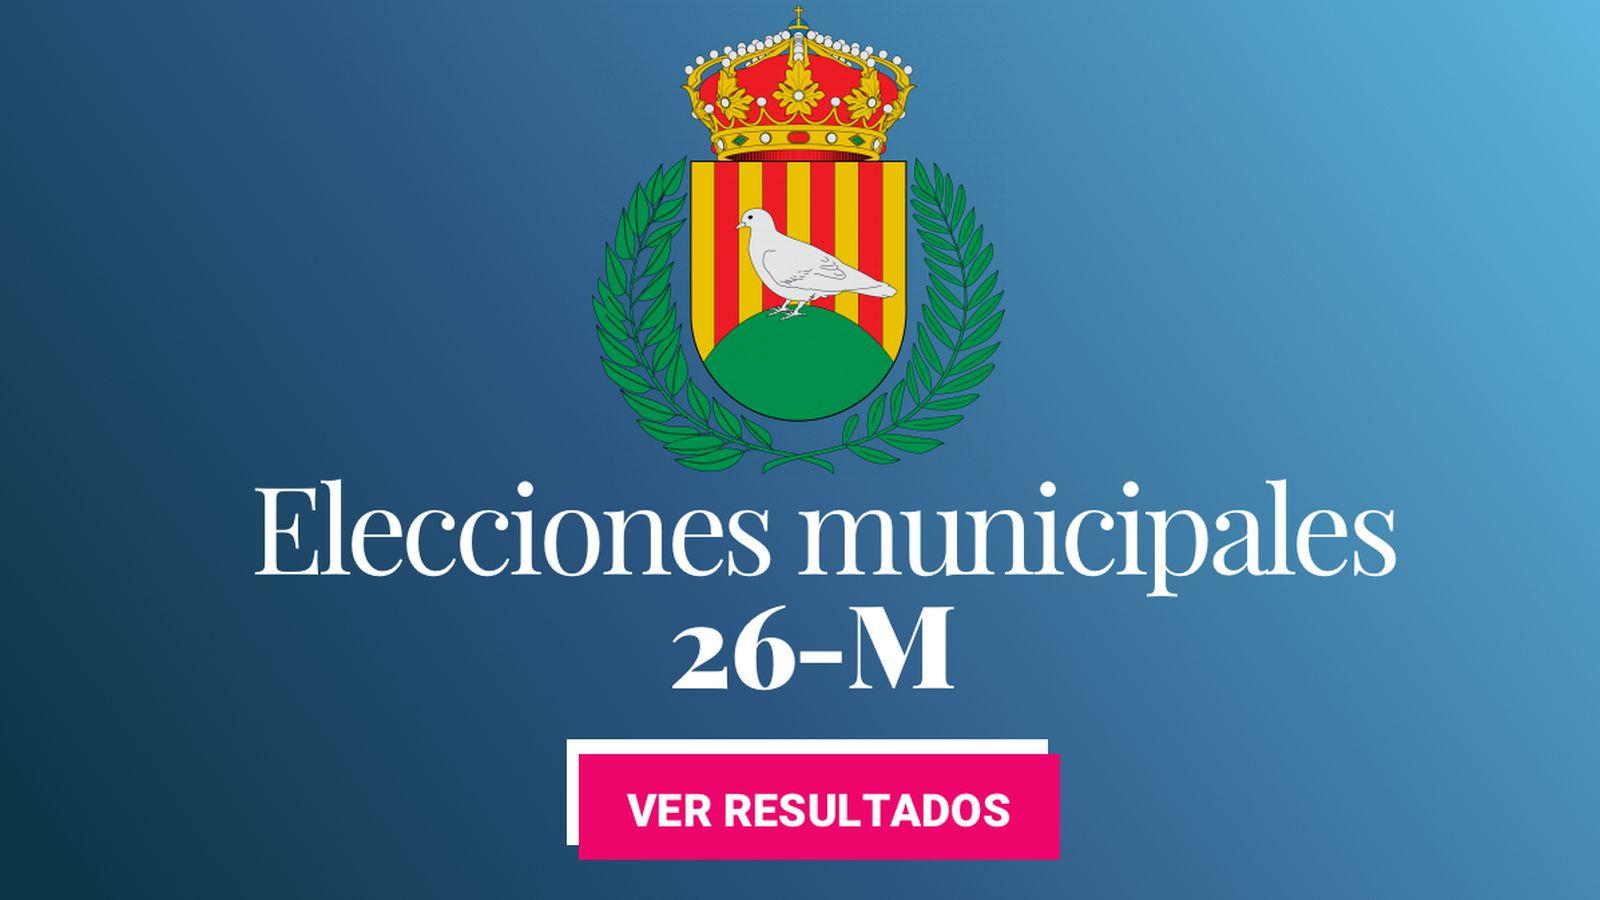 Foto: Elecciones municipales 2019 en Santa Coloma de Gramenet. (C.C./EC)